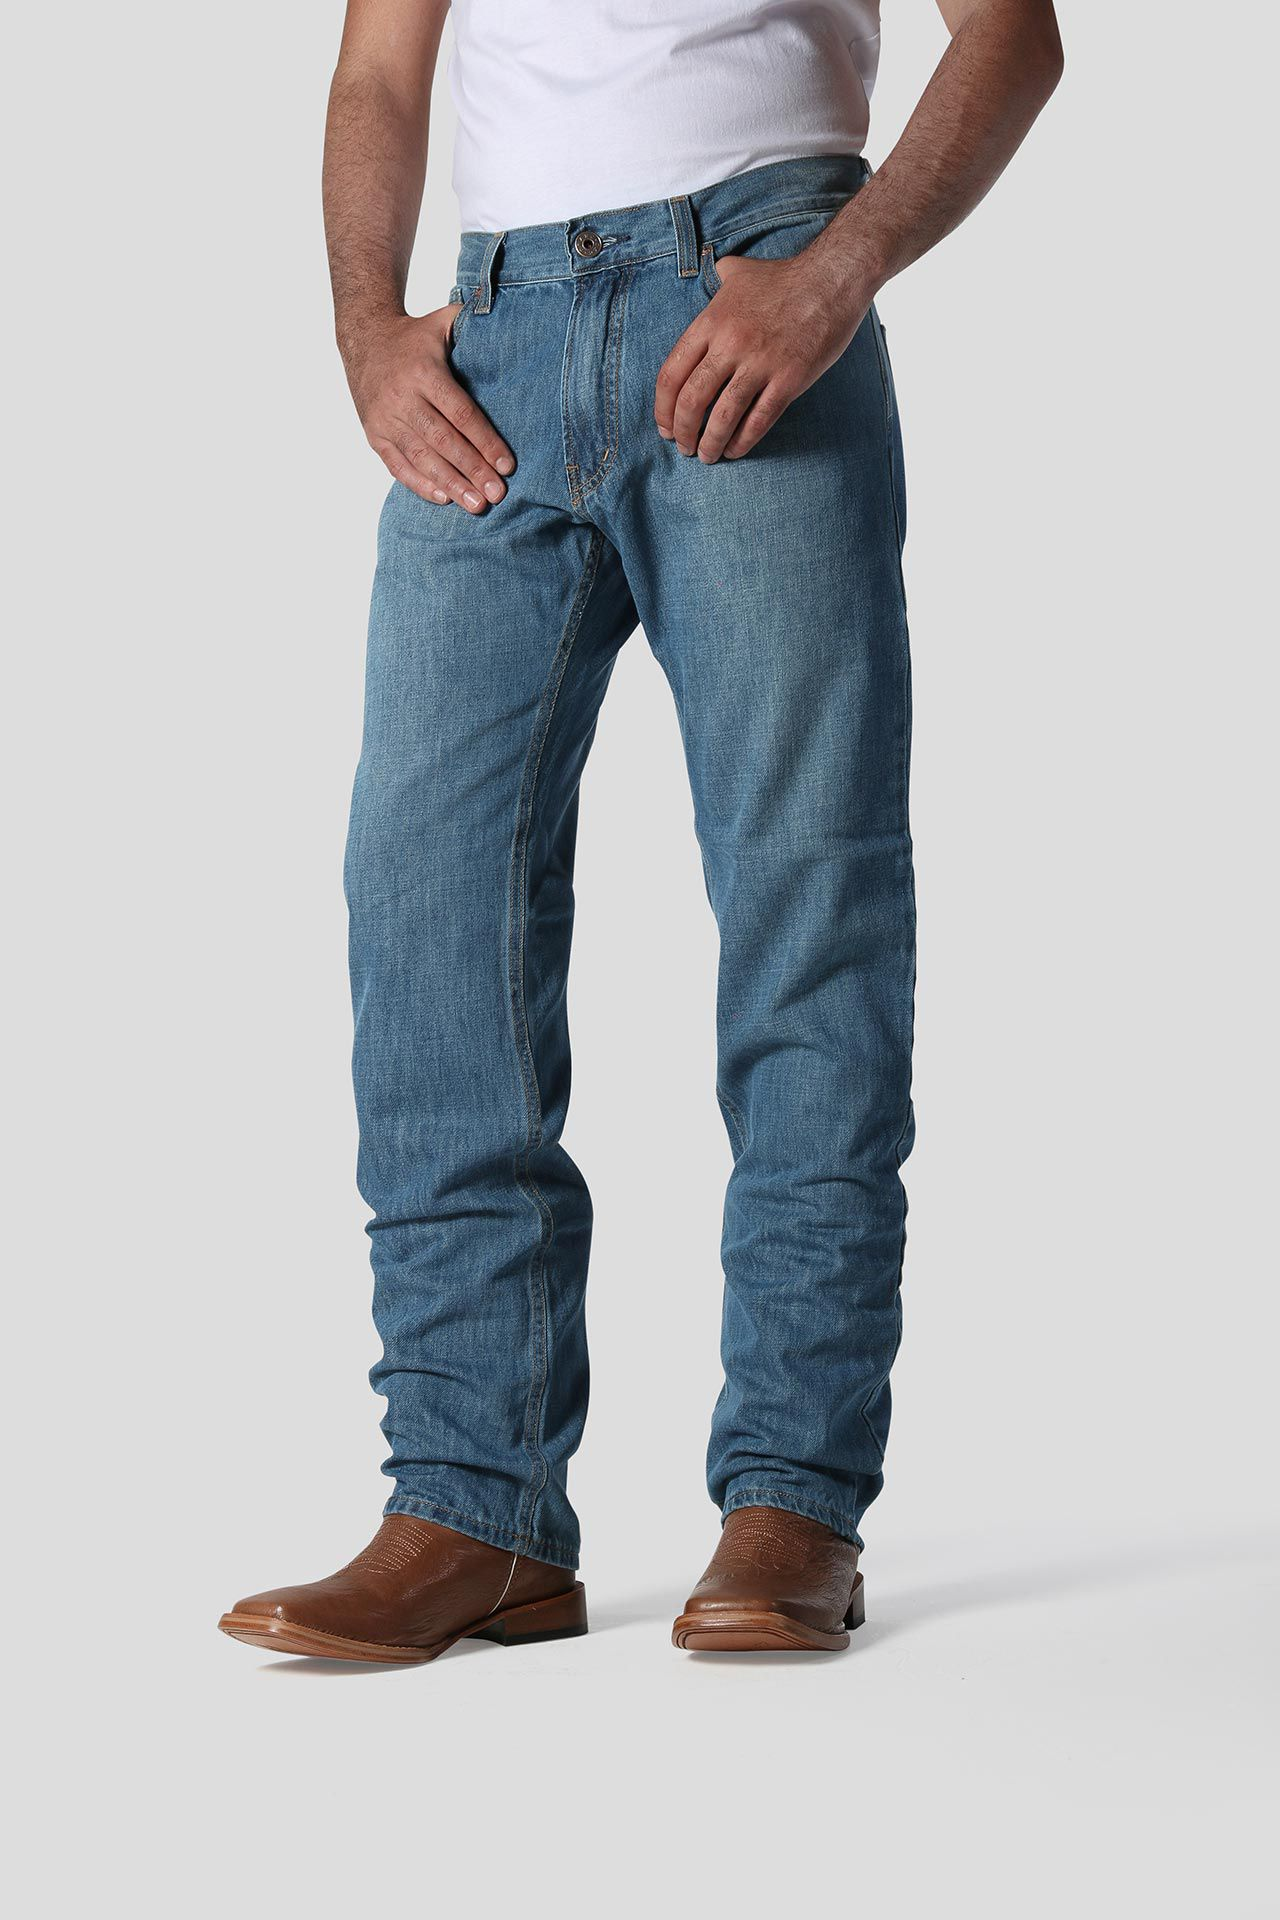 Calça Jeans TXC Masculina X1 LIGHT